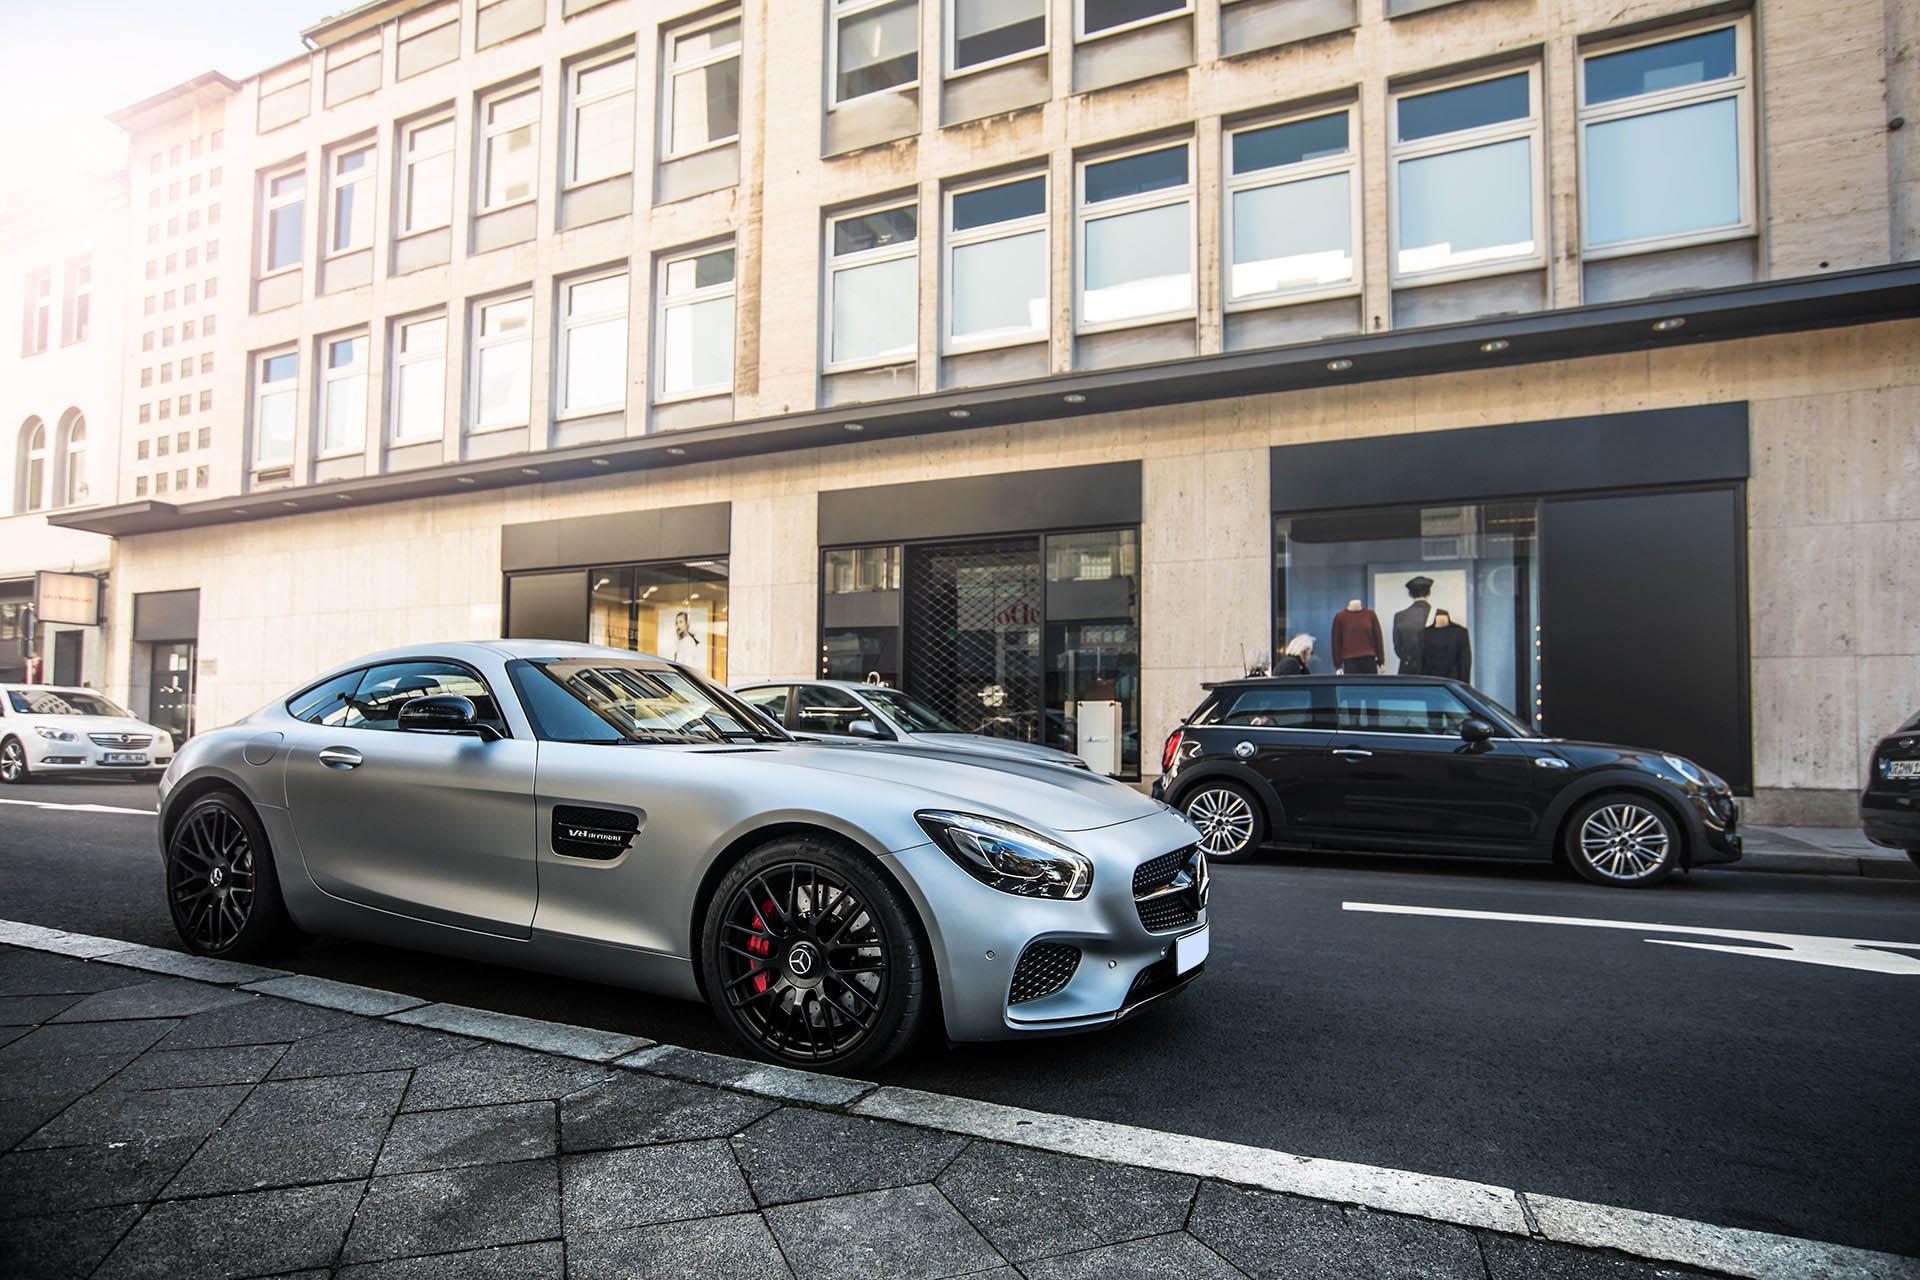 B+K_Sportwagen_Rheinland_GmbH_Mercedes_Benz_AMG_GTS_Silber_3